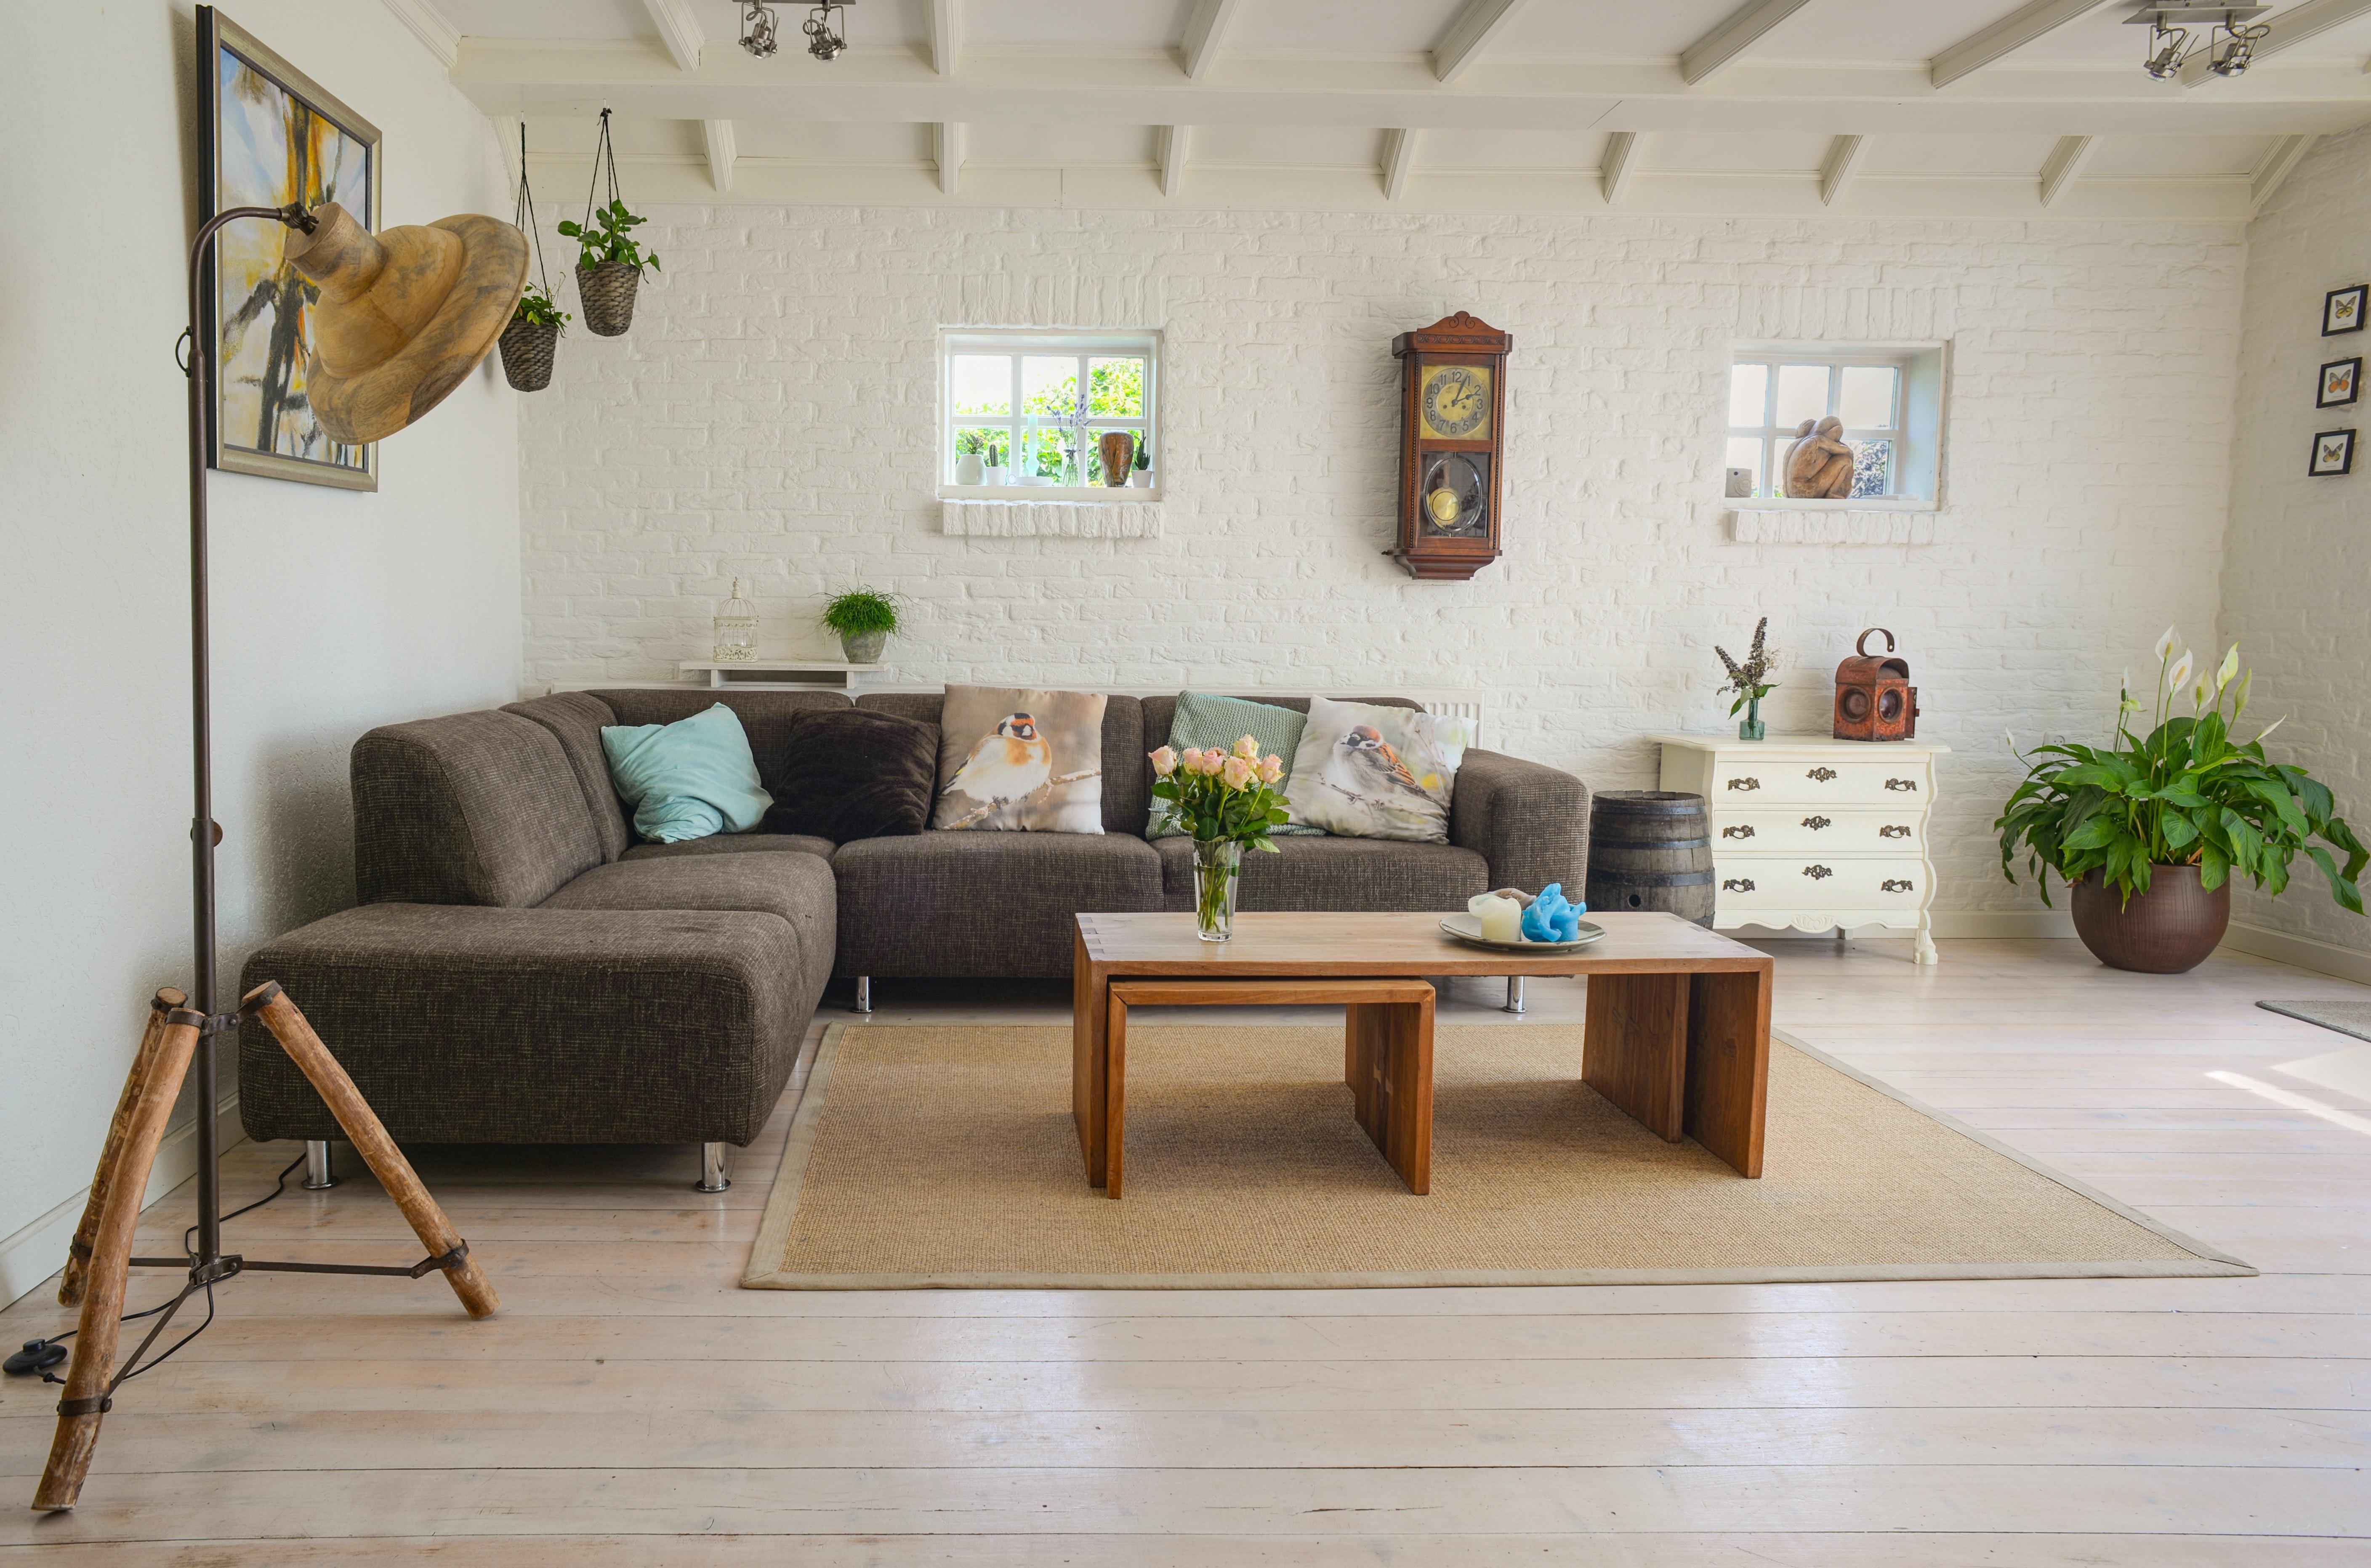 Tendencias para conseguir un hogar cálido y acogedor: estilo Hygge